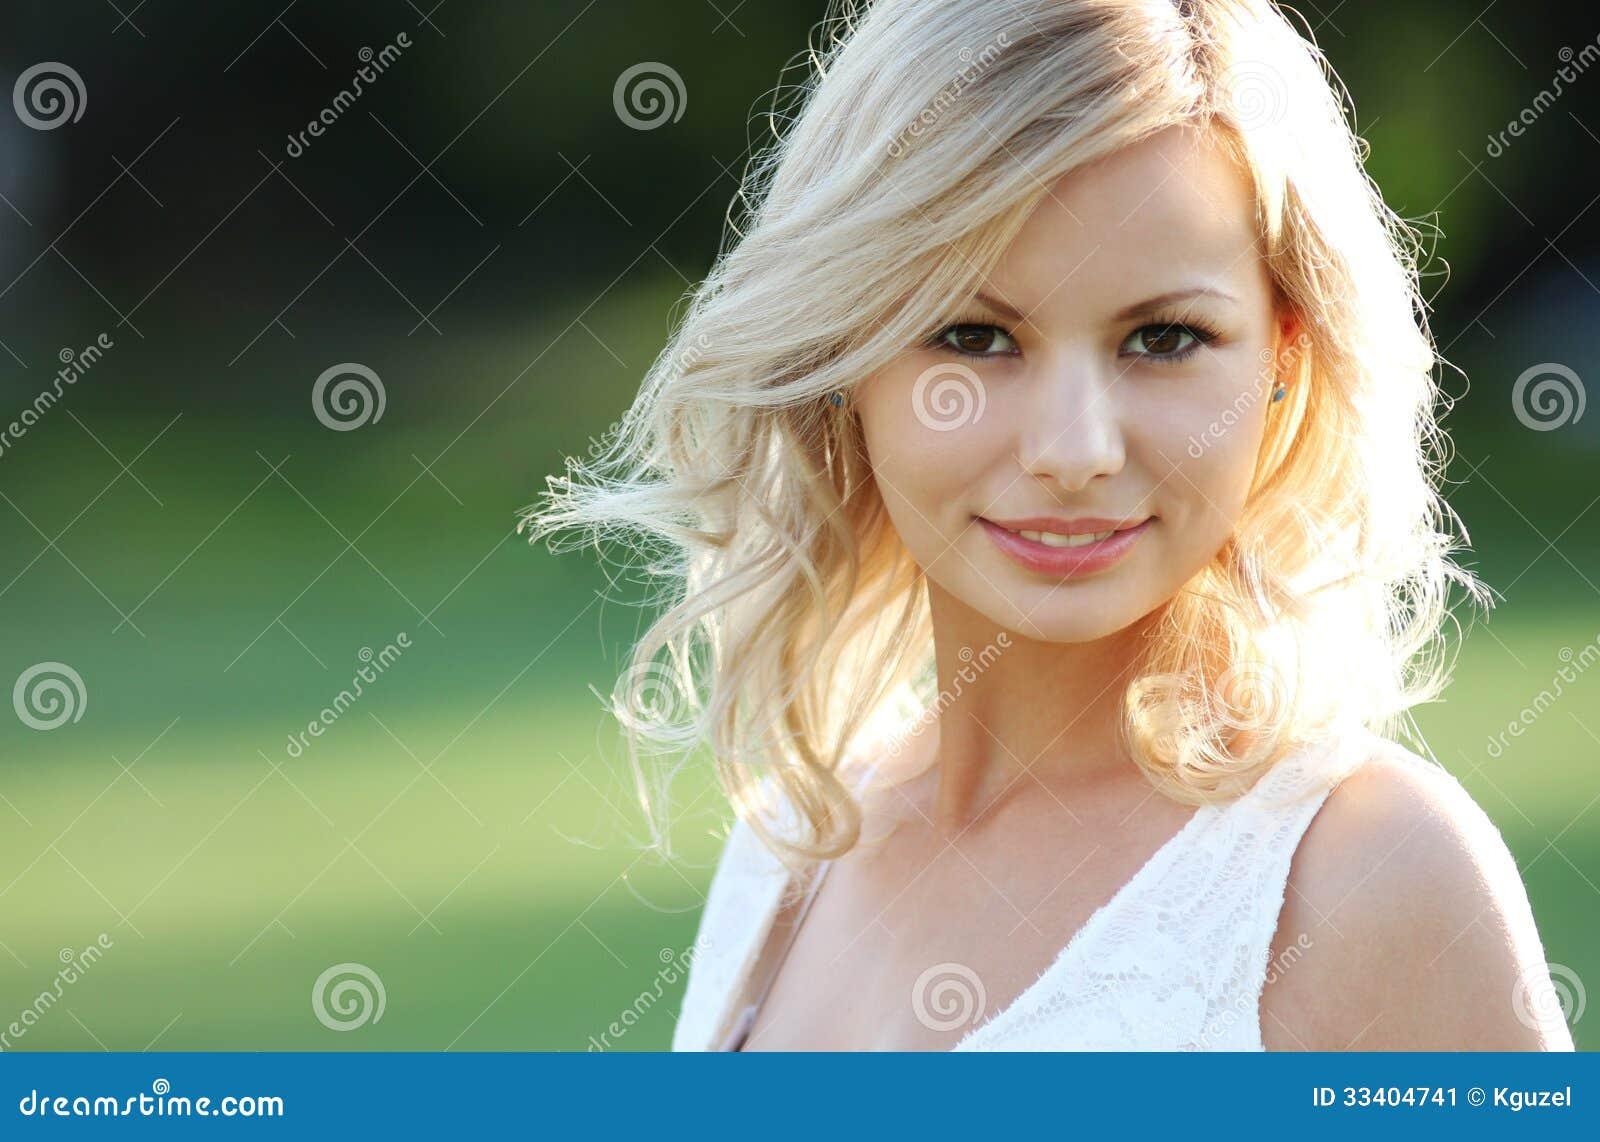 Uśmiechnięta blondynki dziewczyna. Portret szczęśliwa rozochocona piękna młoda kobieta, outdoors.